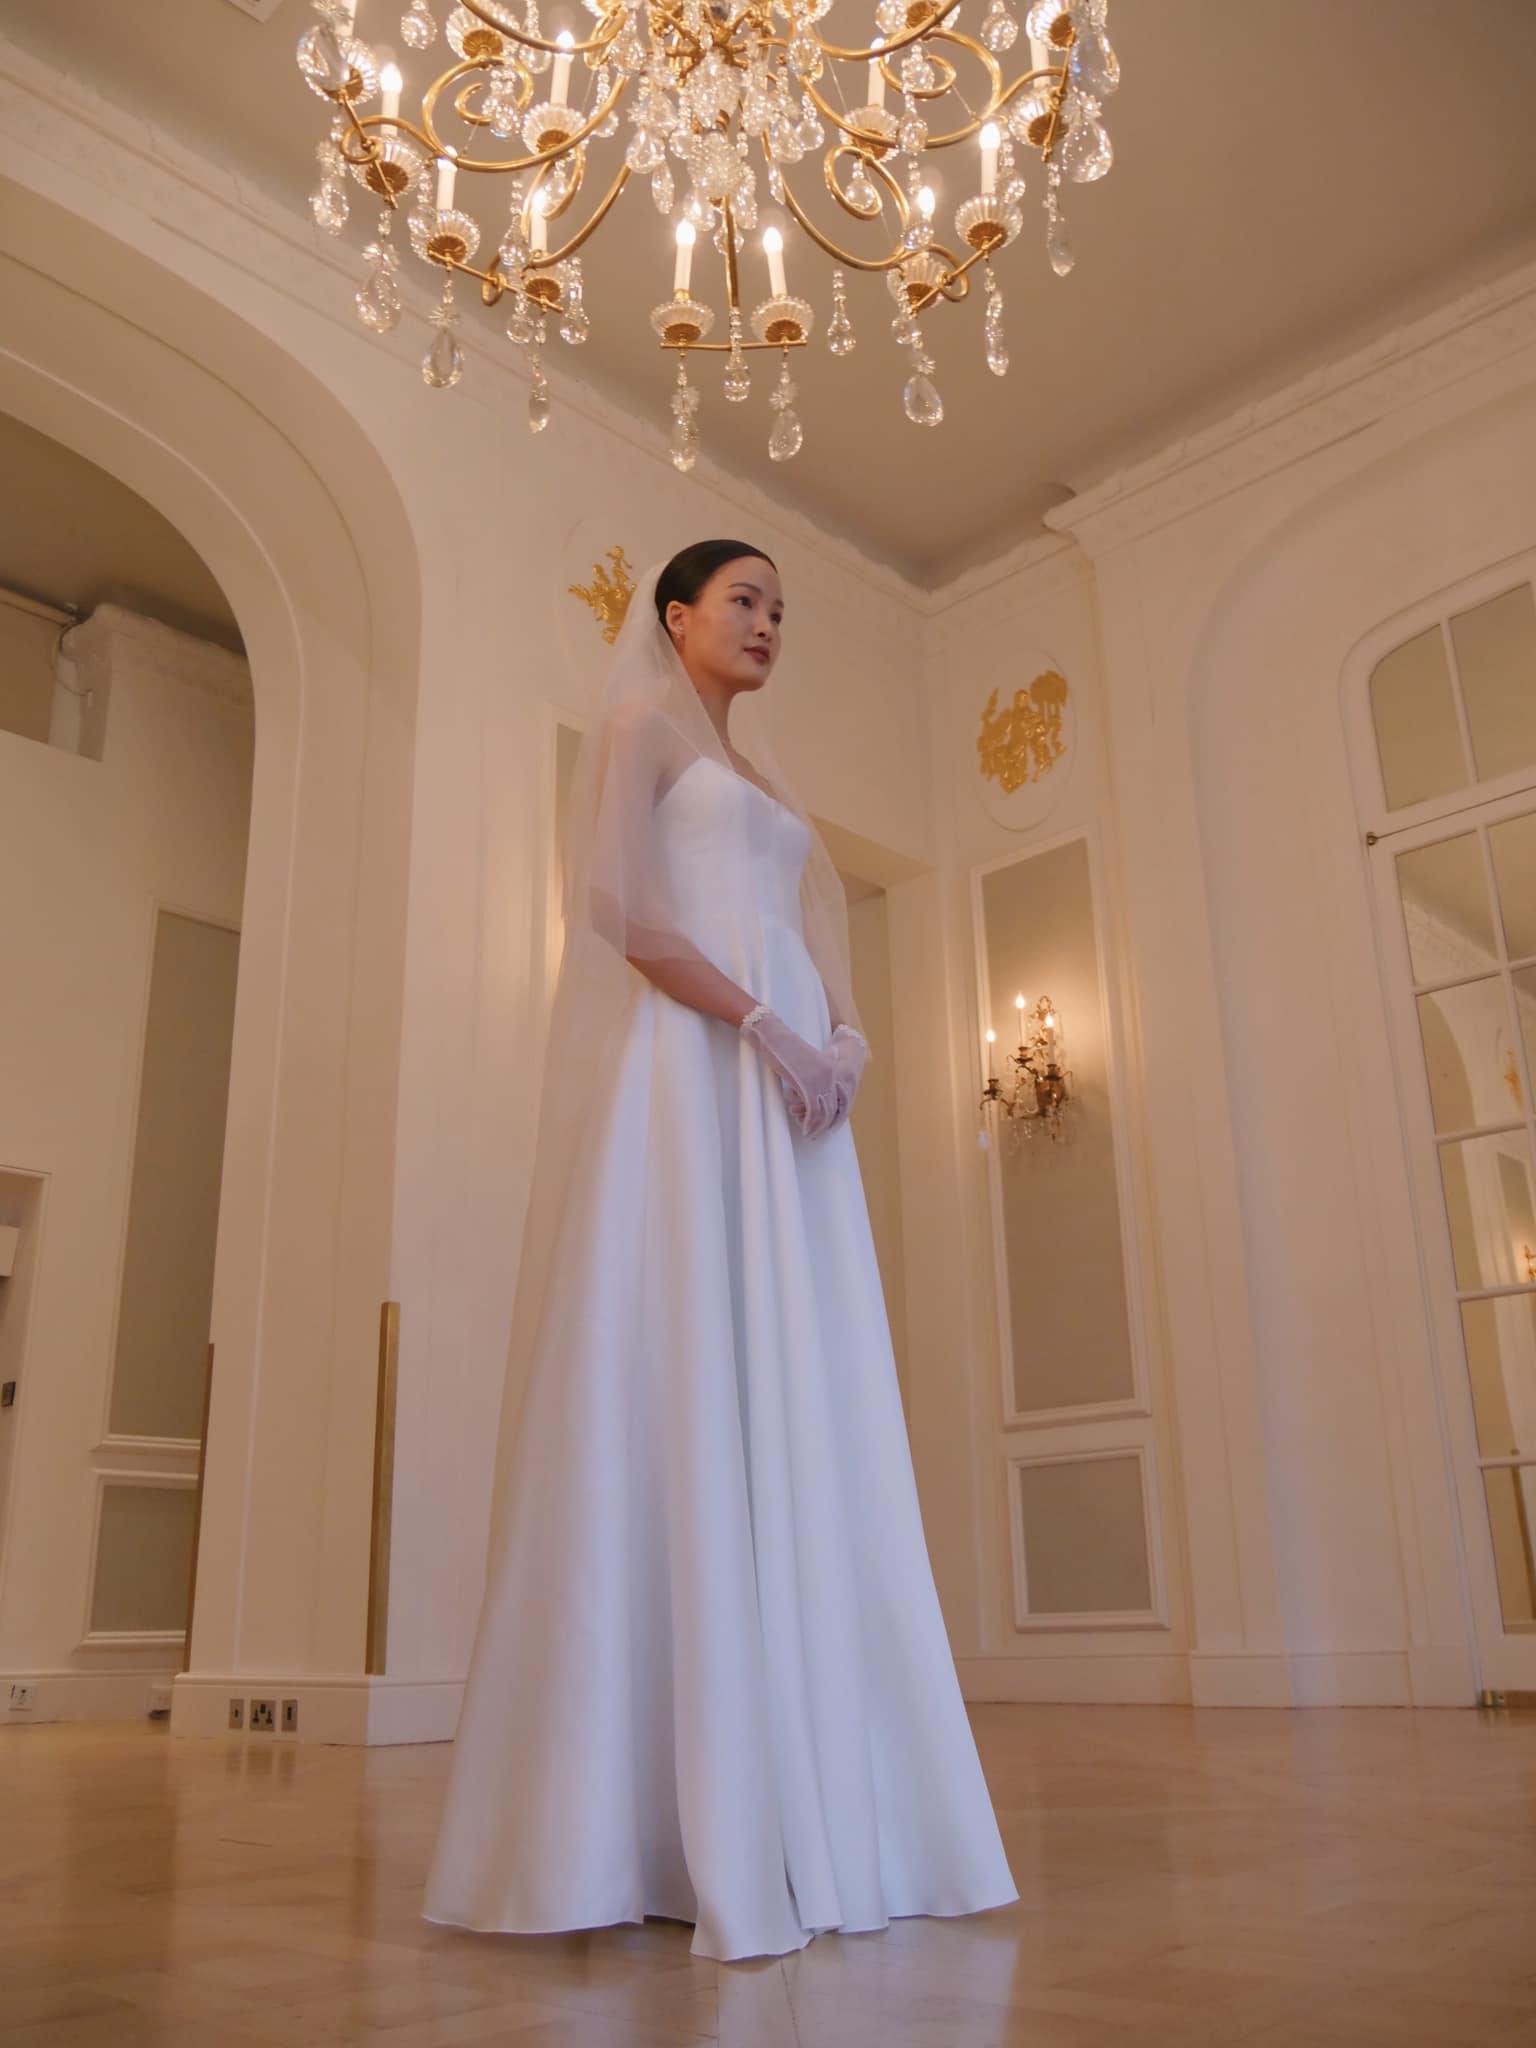 Váy cưới cùa Chà Mi cũng do một người bạn ở Việt Nam may gửi sang